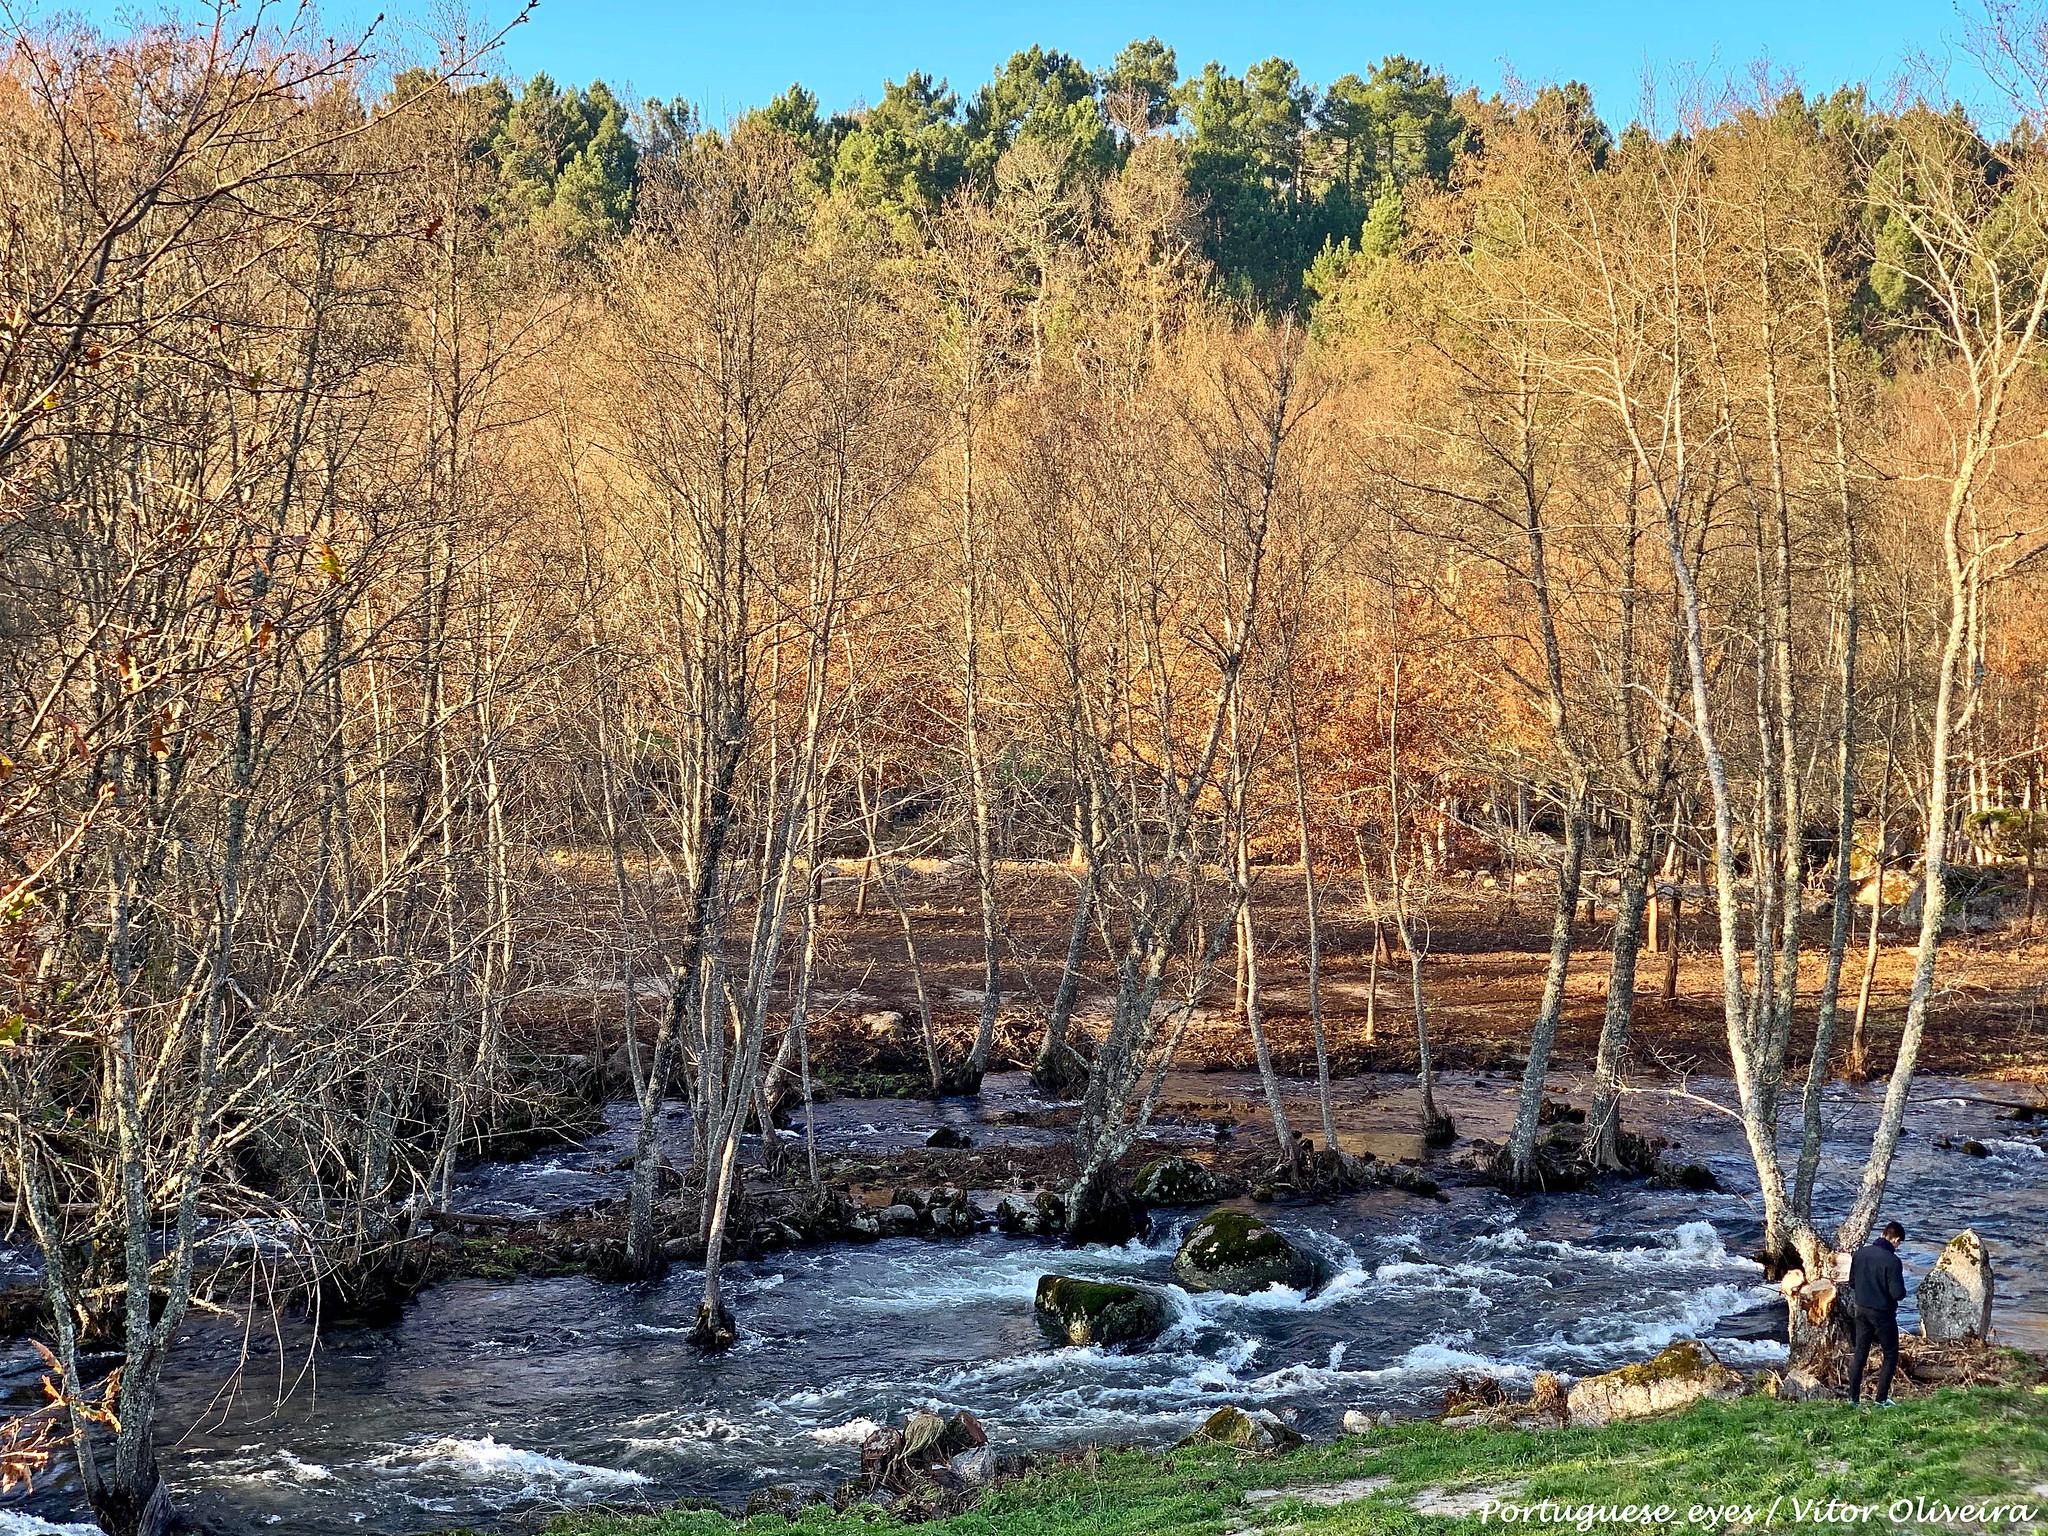 A Importância do Rio Paiva na preservação de habitats e espécies